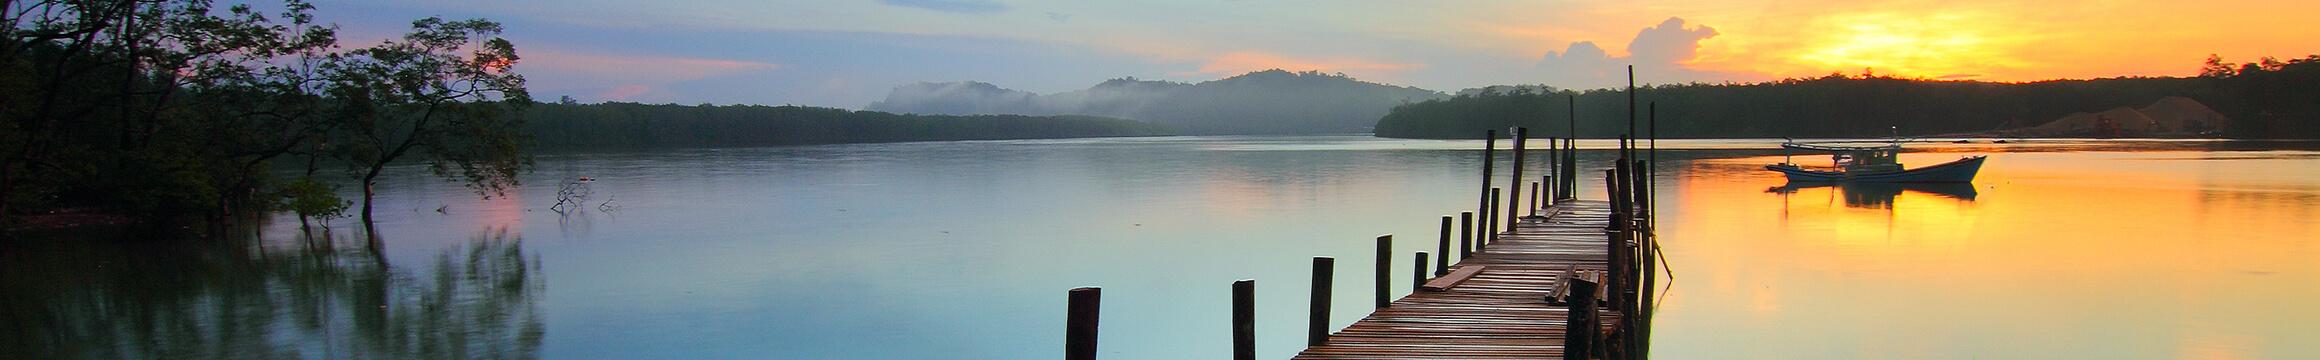 Landscapes 03